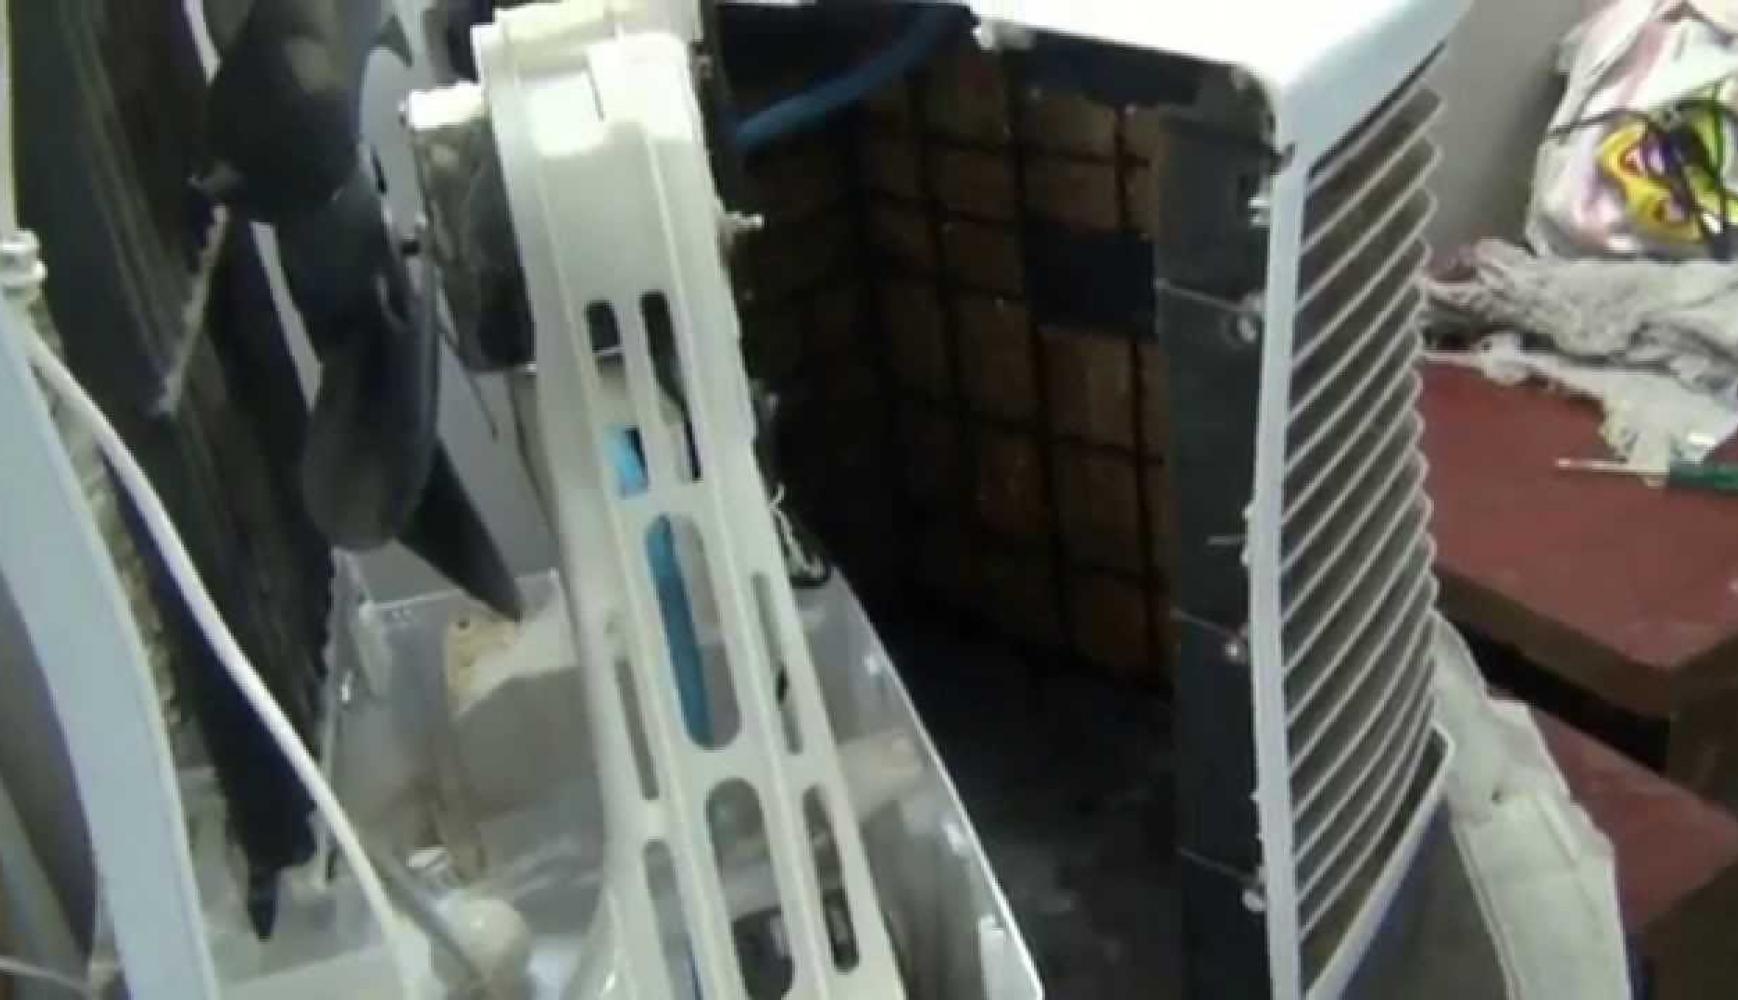 Air cooler cleaner(ACC) Supplier in Dubai, Fujairah, Sharjah